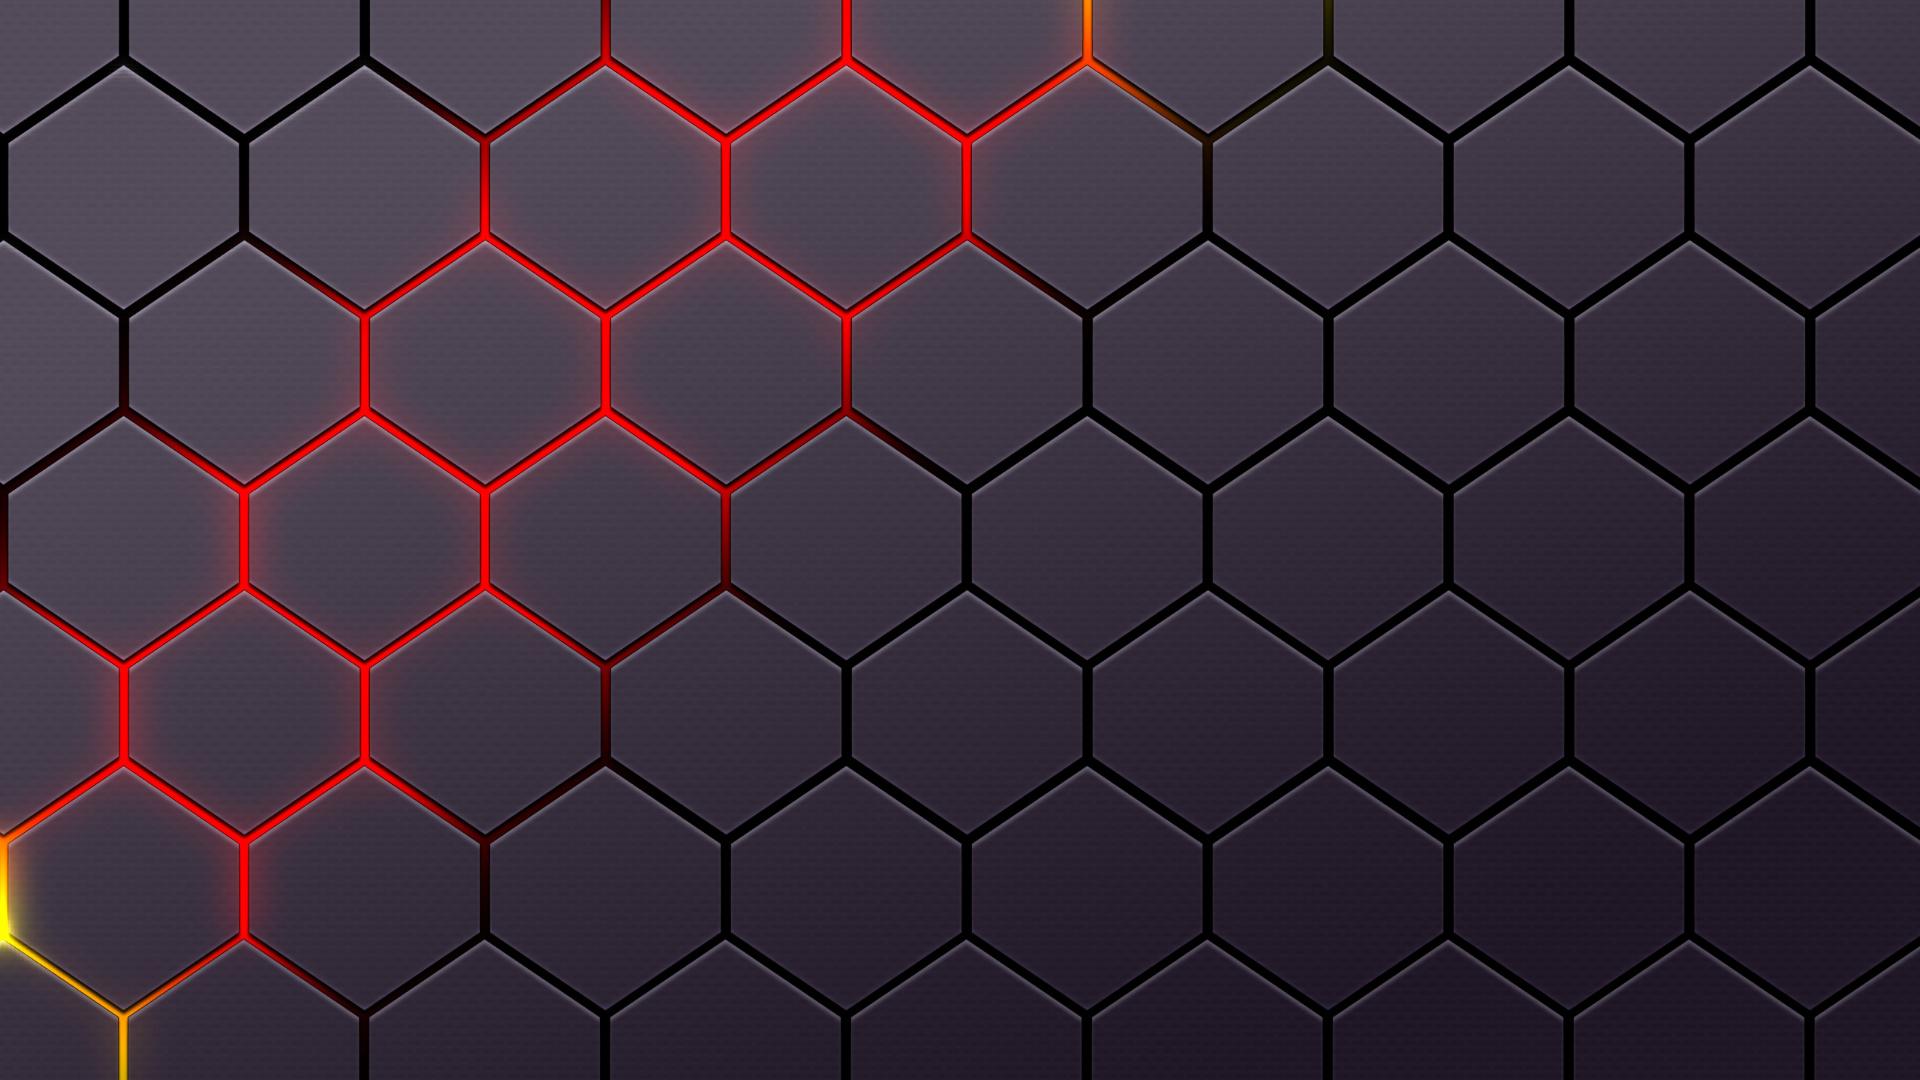 абстракции обои 718 2 1138 2 для андроид